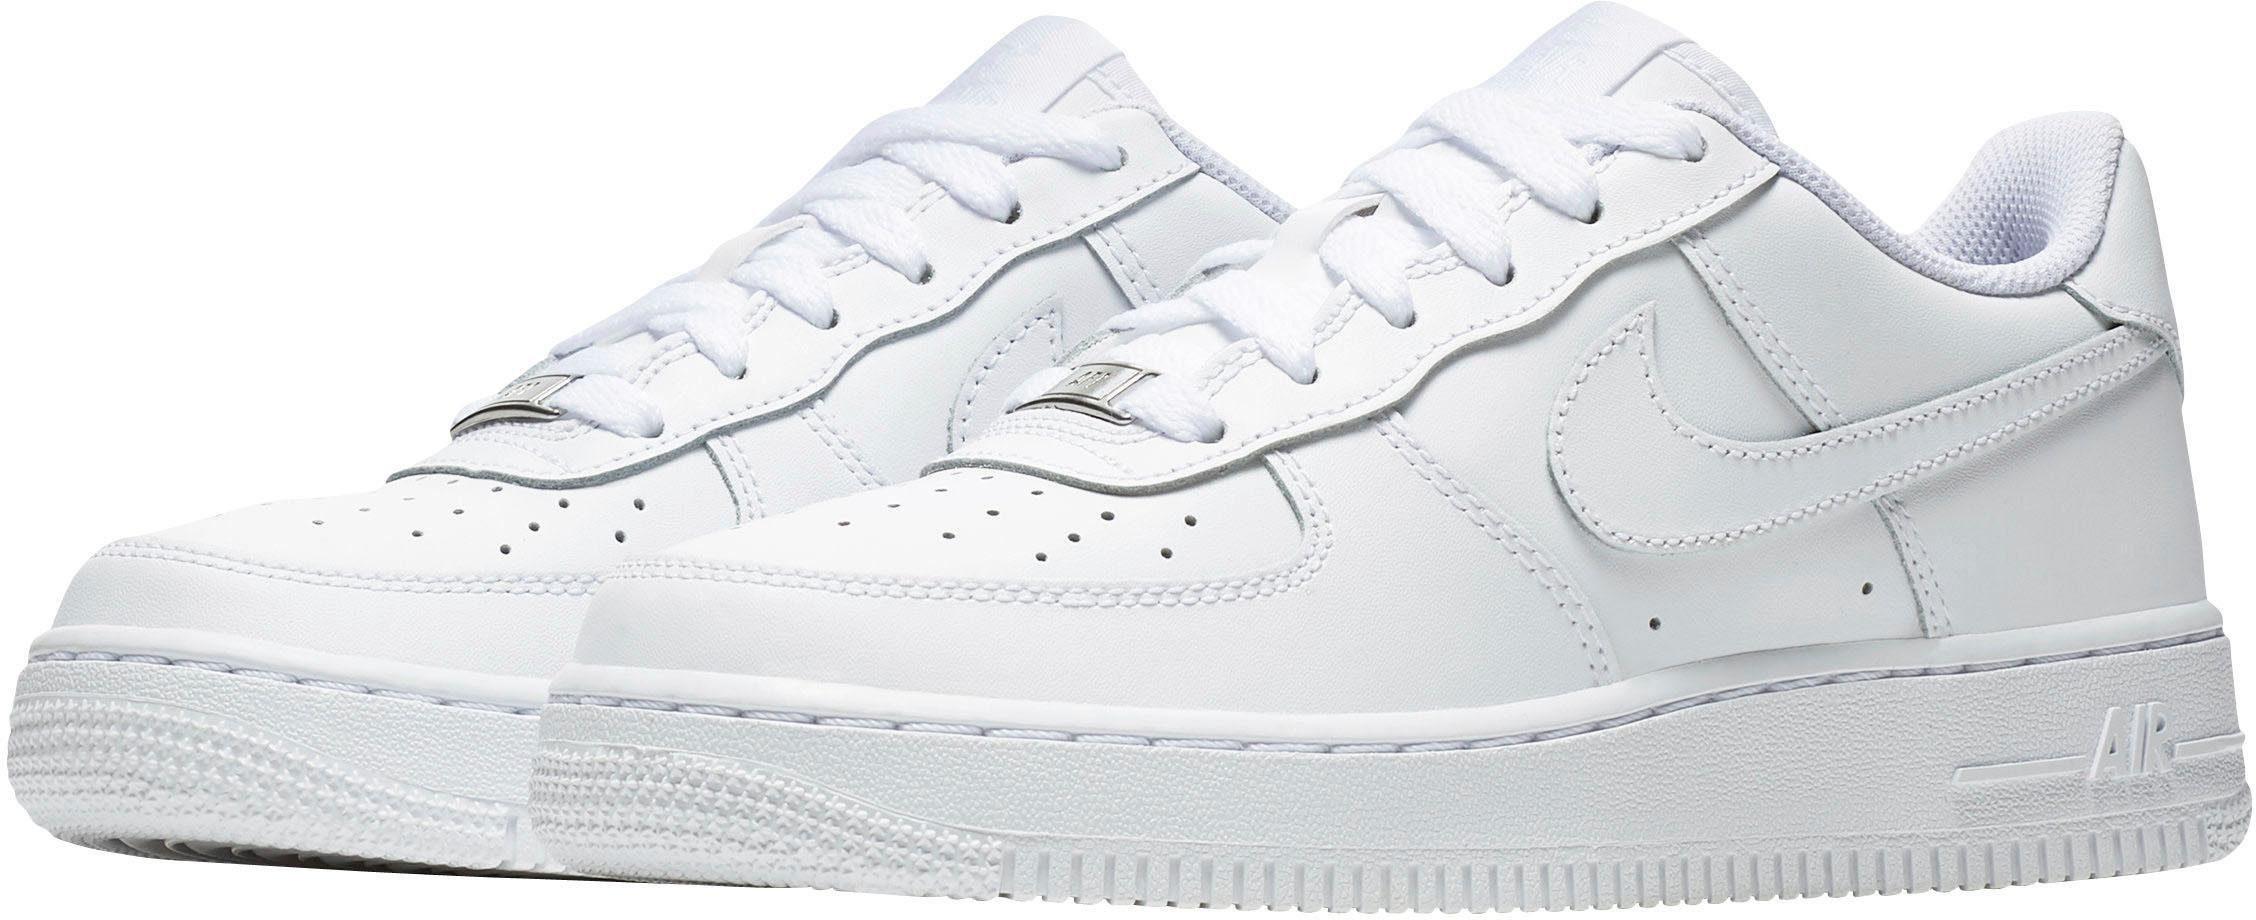 Nike Sportswear »AIR FORCE 1 BG« Sneaker, Klassik Sneaker von Nike online kaufen | OTTO